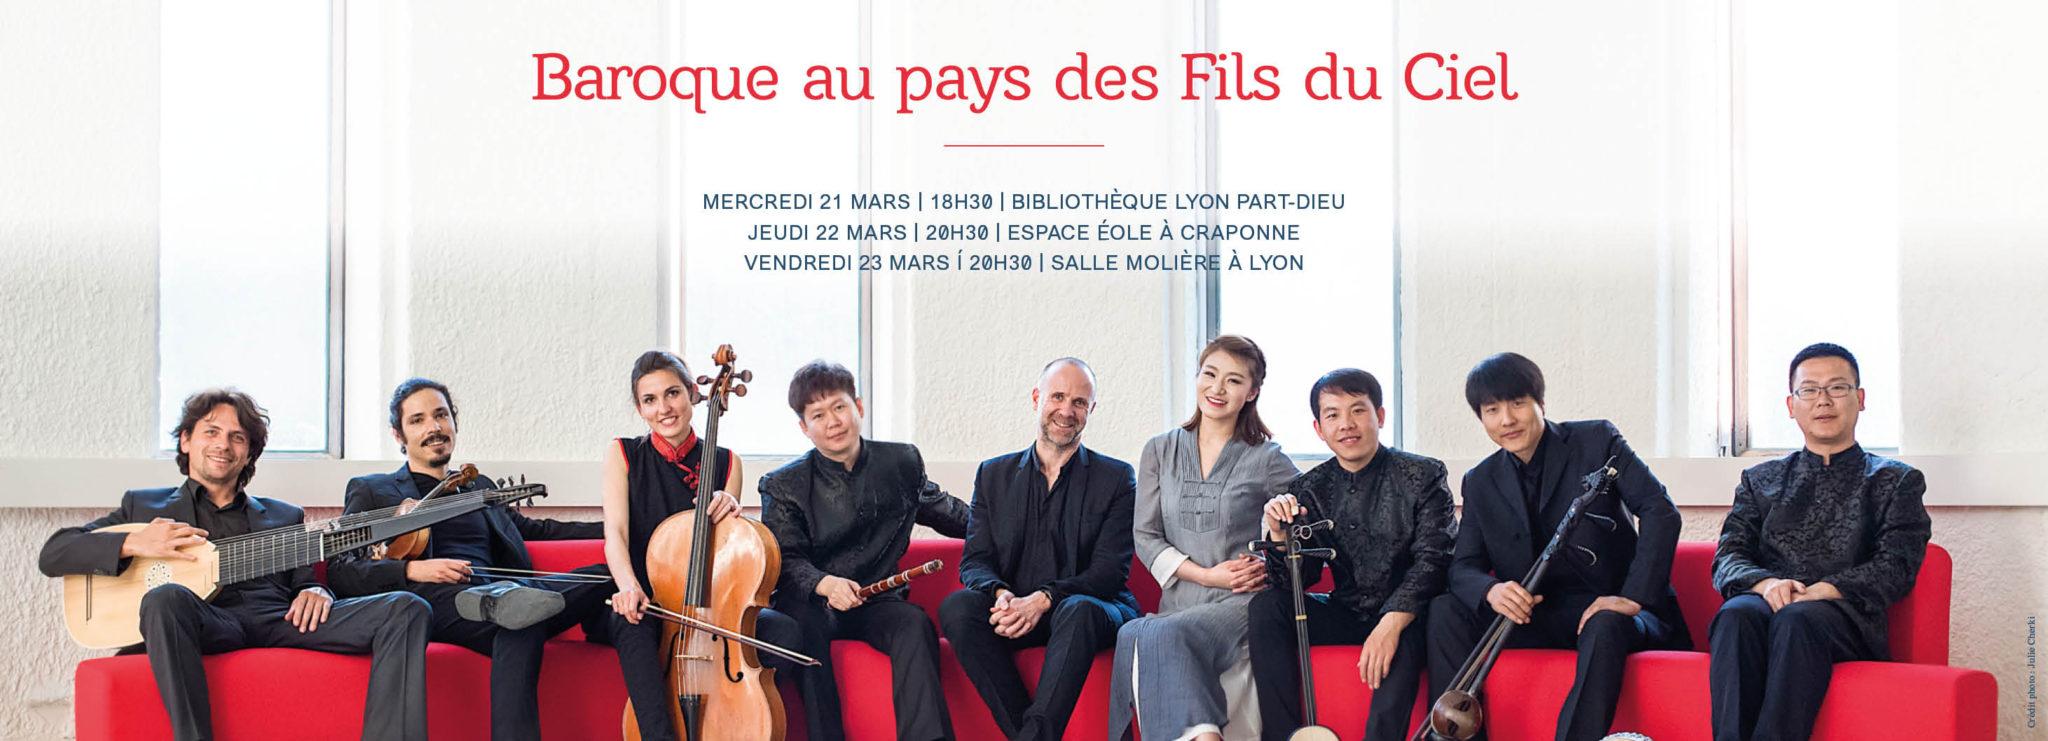 concert-hostel-dieu-BANDEAU-BAROQUE-PAYS-FILS-CIEL